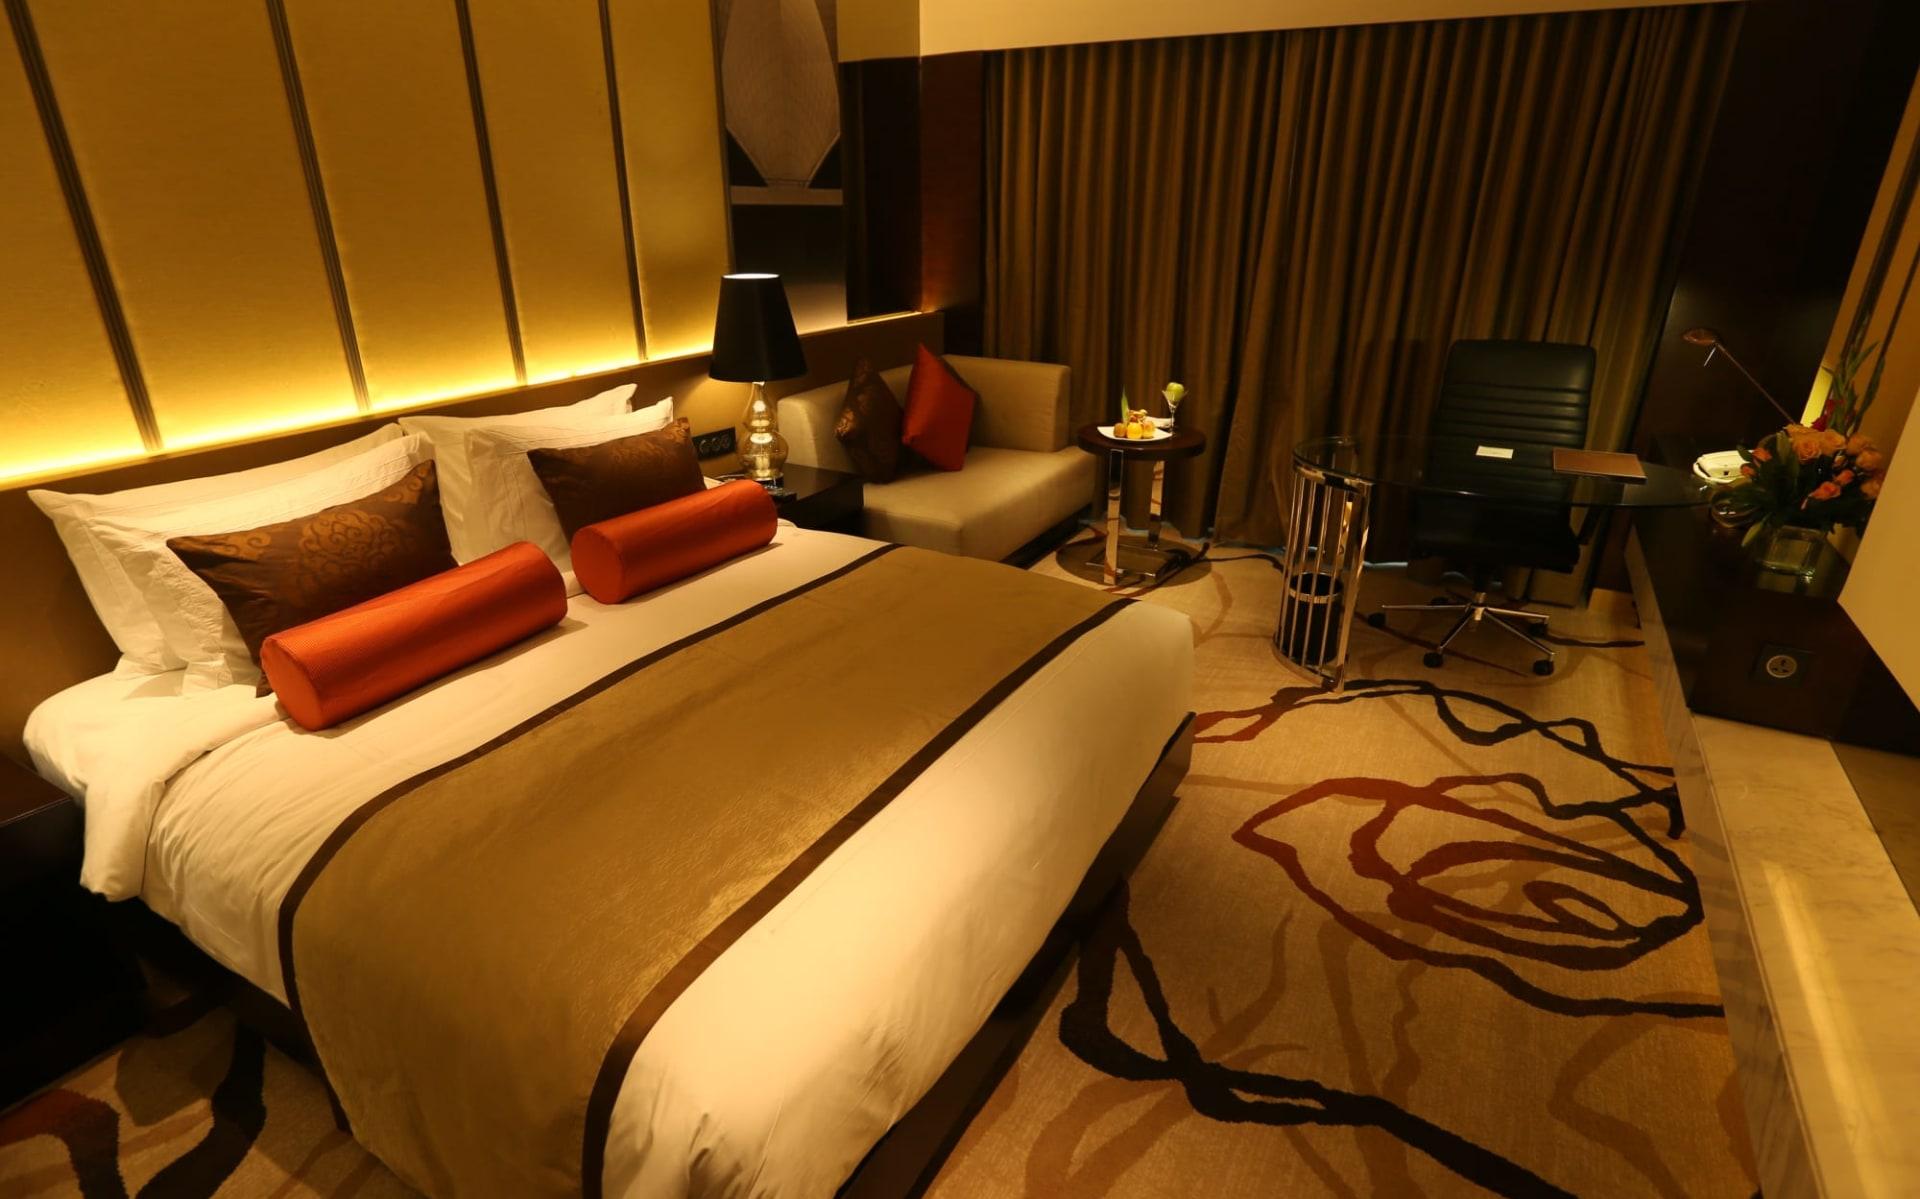 Pride Plaza Hotel Aerocity in Delhi: Bedroom 1a - Final